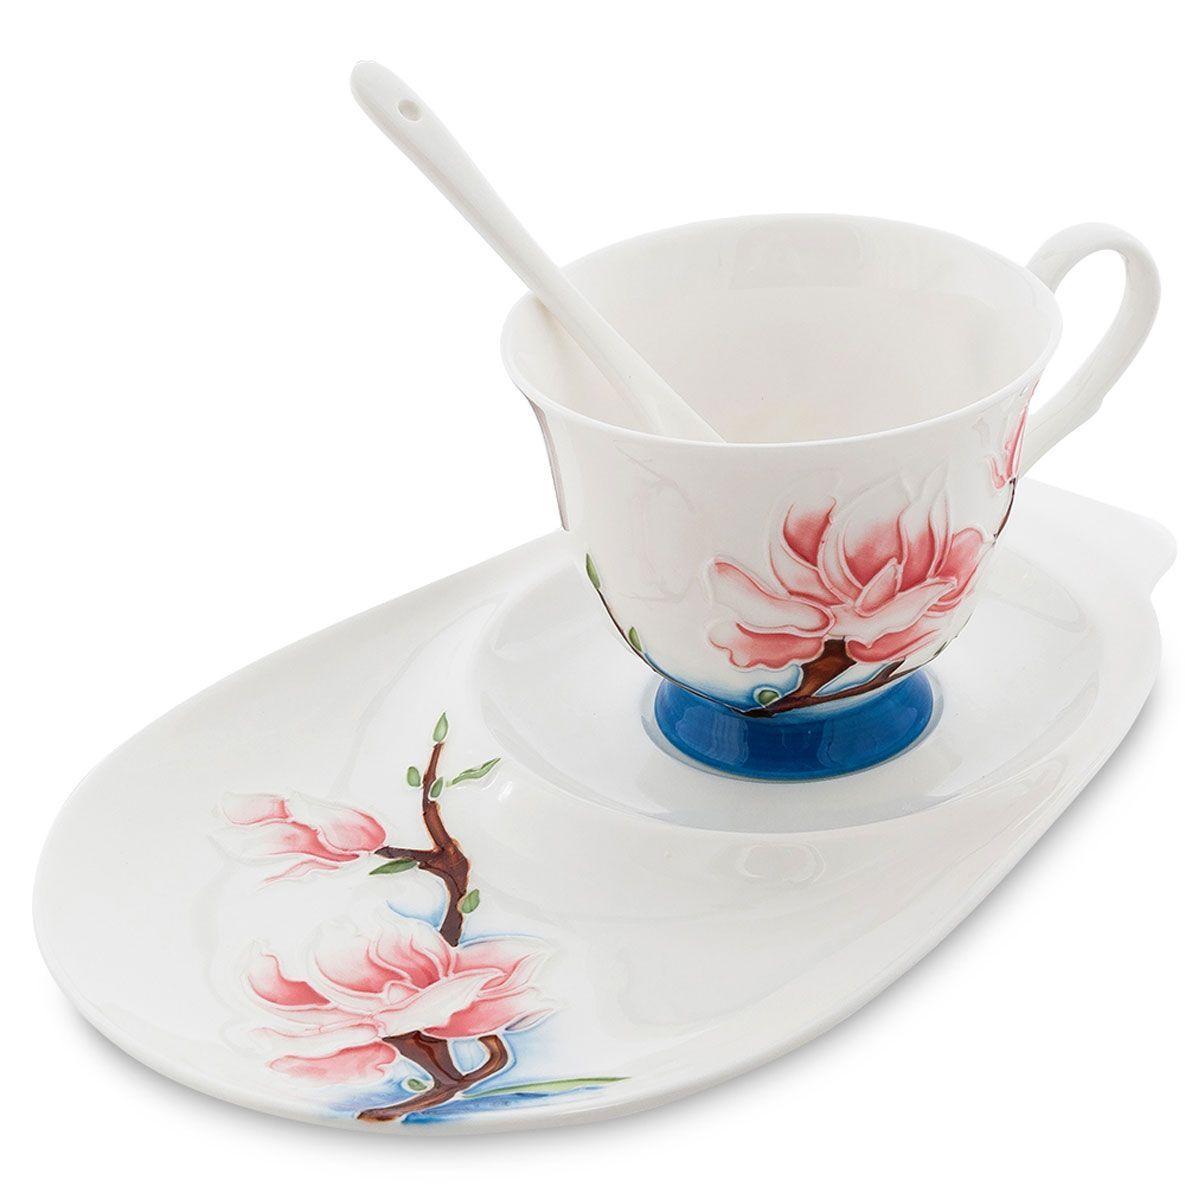 Набор чайный Pavone Цветущая сакура, 3 предмета451577Чайный набор Pavone Иволга и орхидея изготовлен из высококачественного фарфора. Набор состоит из чашки, блюдца и чайной ложки. Изделия имеют необычный дизайн, который придется по вкусу ценителям классики и тем кто предпочитает современный стиль. Изящный набор эффектно украсит стол к чаепитию и порадует вас функциональностью и ярким дизайном. Объем кружки: 250 мл. Длина блюдца: 23 см.